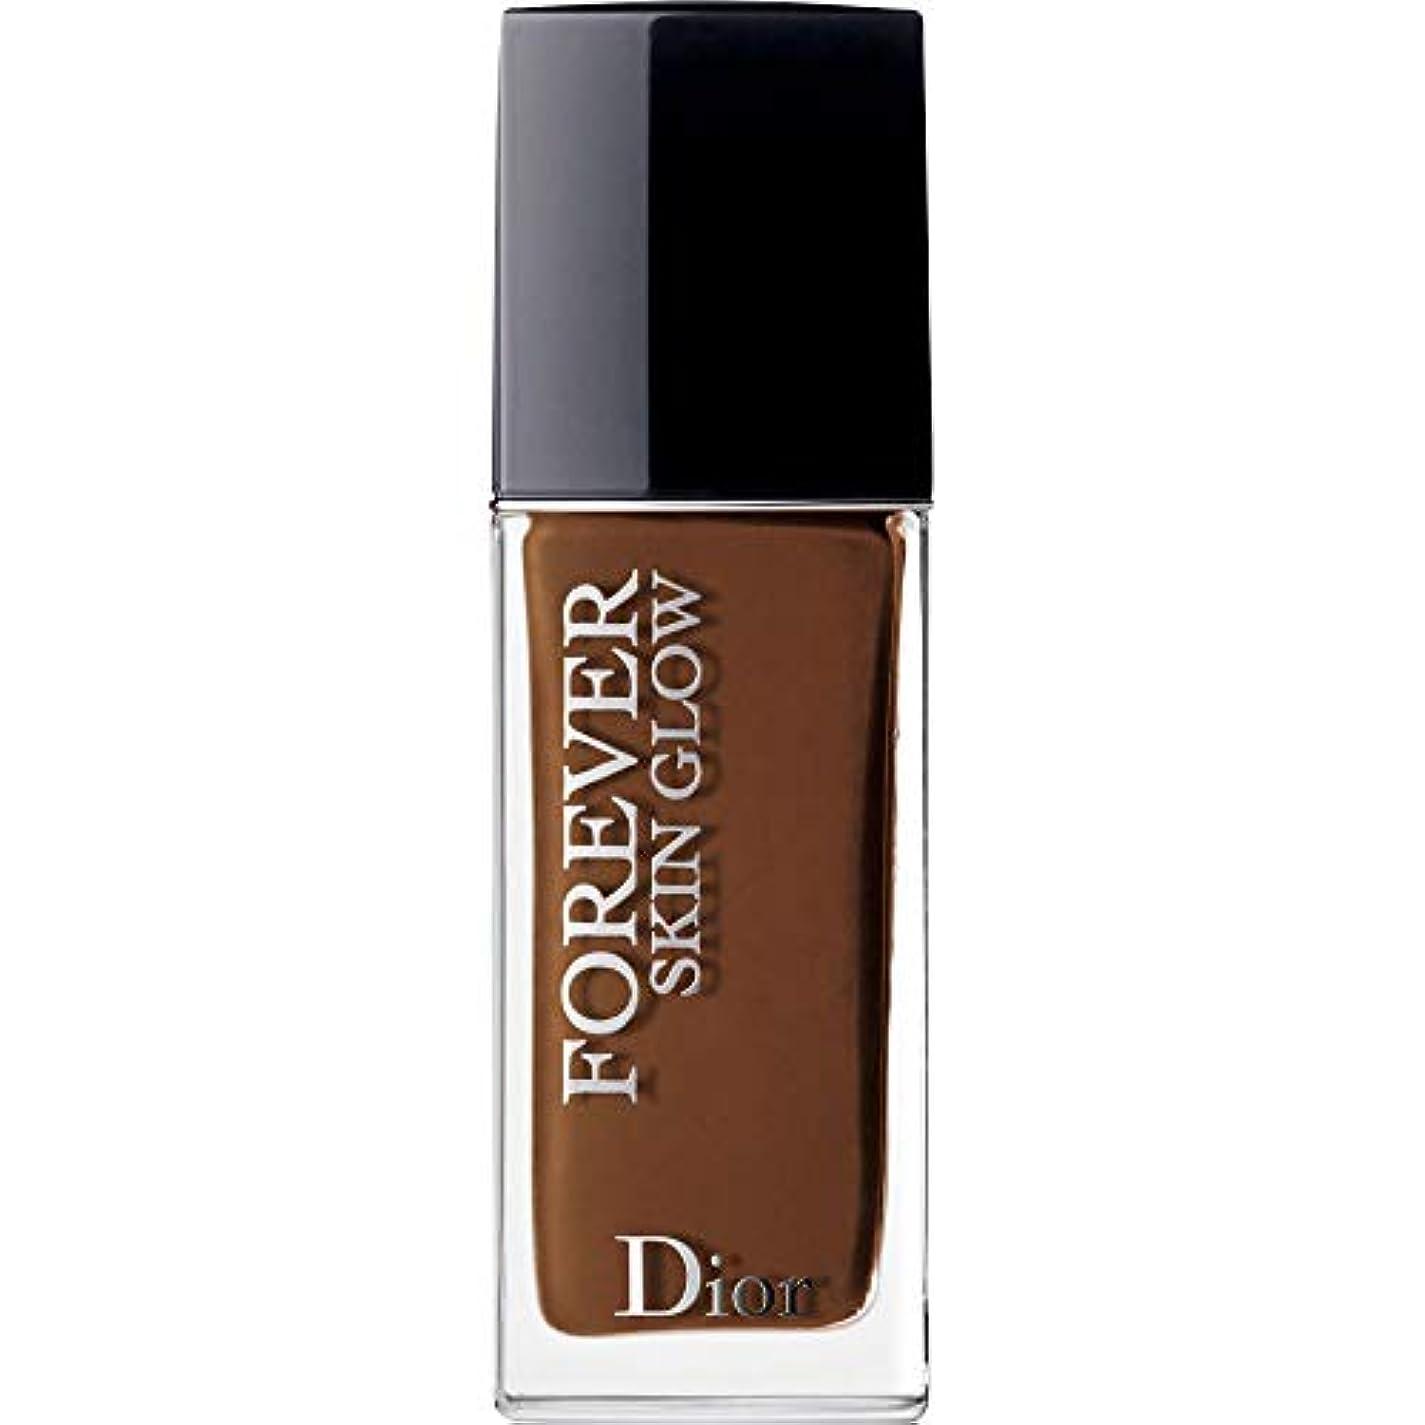 ワーカー基礎原理[Dior ] ディオール永遠に皮膚グロー皮膚思いやりの基礎Spf35 30ミリリットルの9N - ニュートラル(肌の輝き) - DIOR Forever Skin Glow Skin-Caring Foundation...